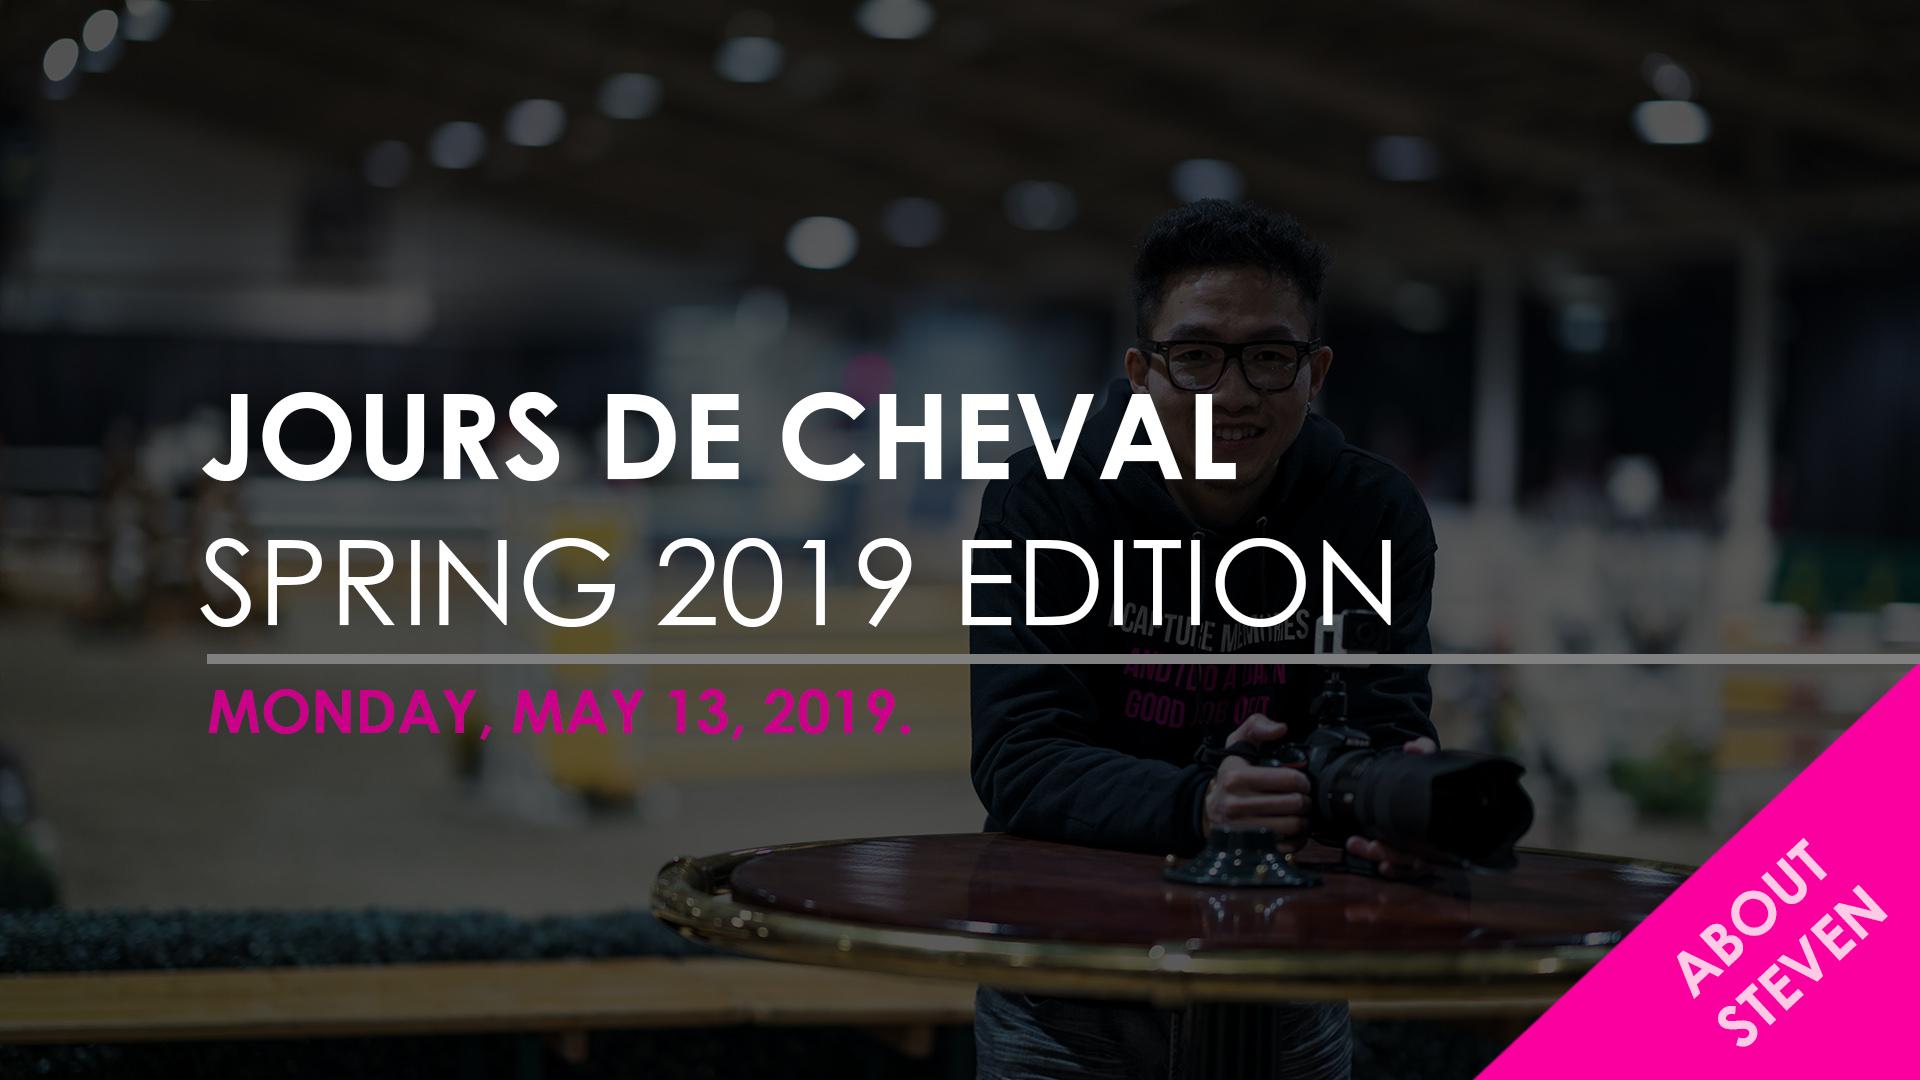 JOURS DE CHEVAL.jpg